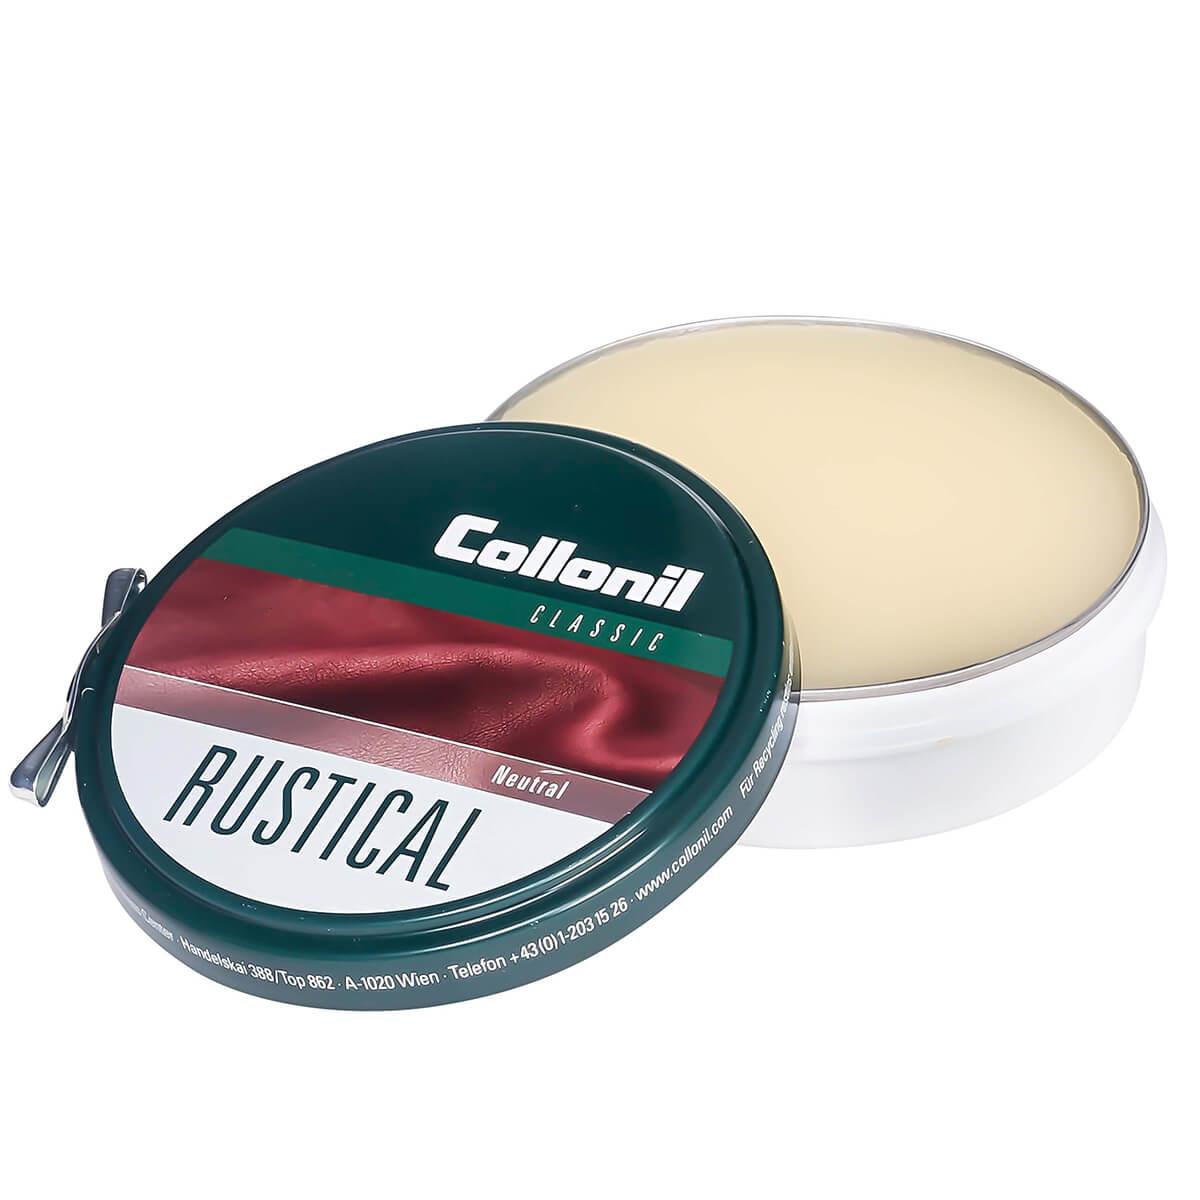 COLLONIL Collonil Rustical Blikje